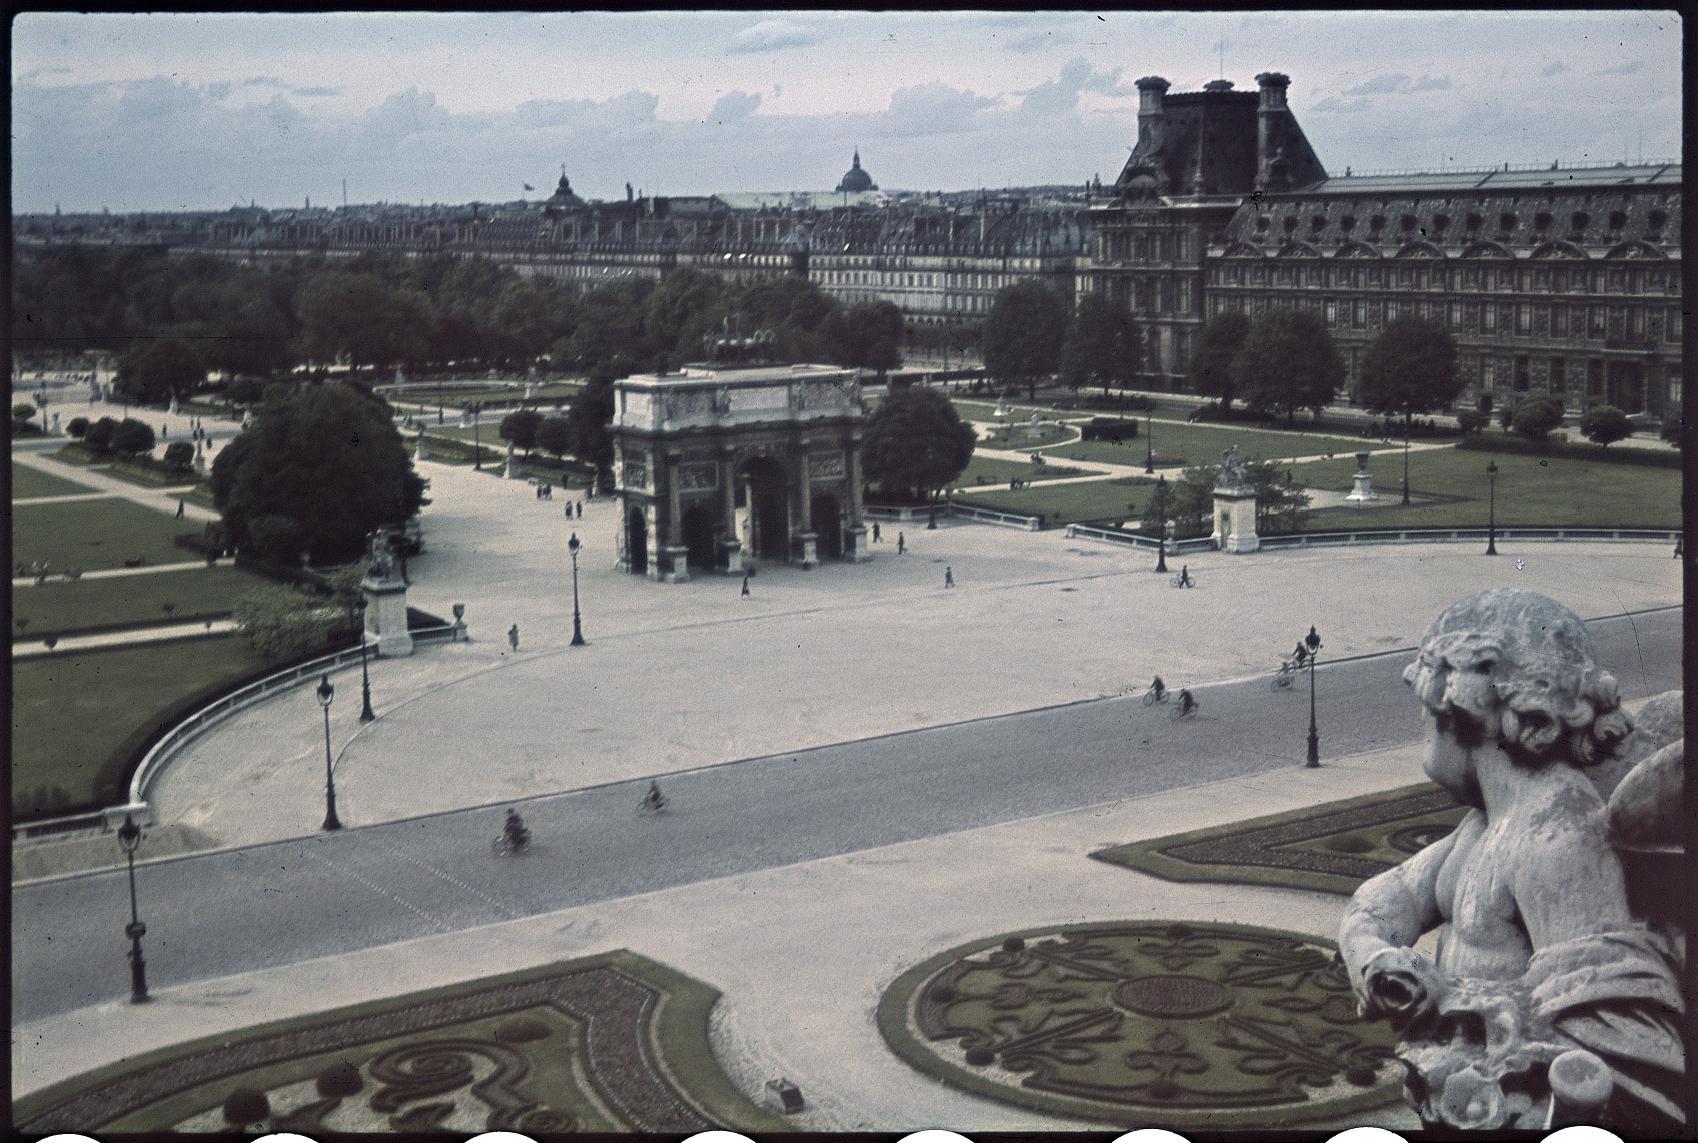 Площадь Карузель и сады весной